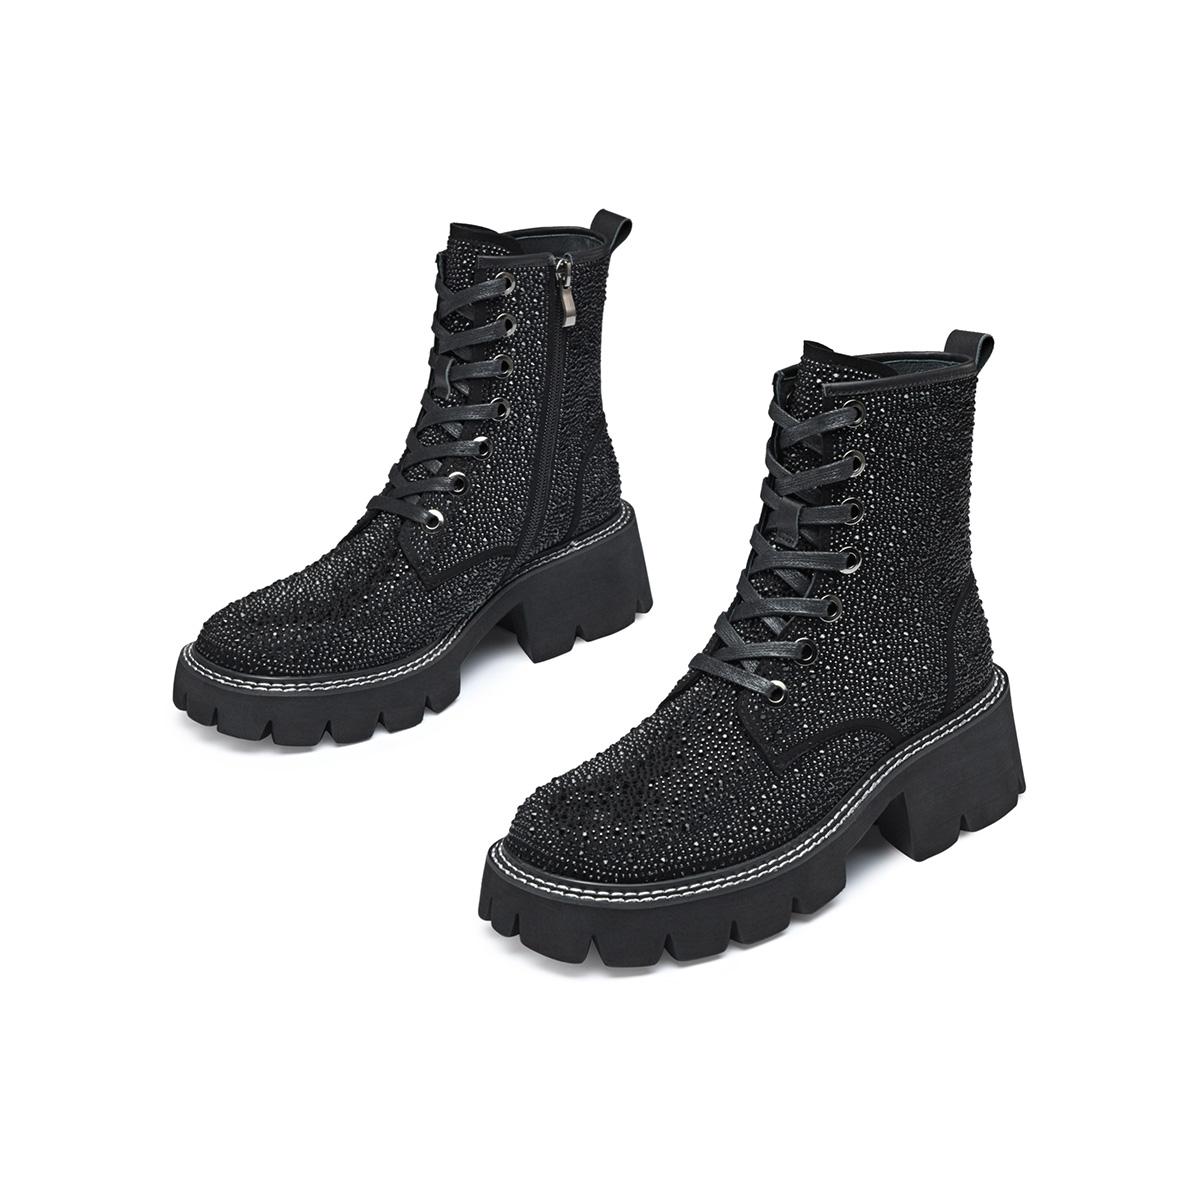 【马丁靴】2021秋冬新款满钻拉链厚底约会女休闲靴短筒靴女靴